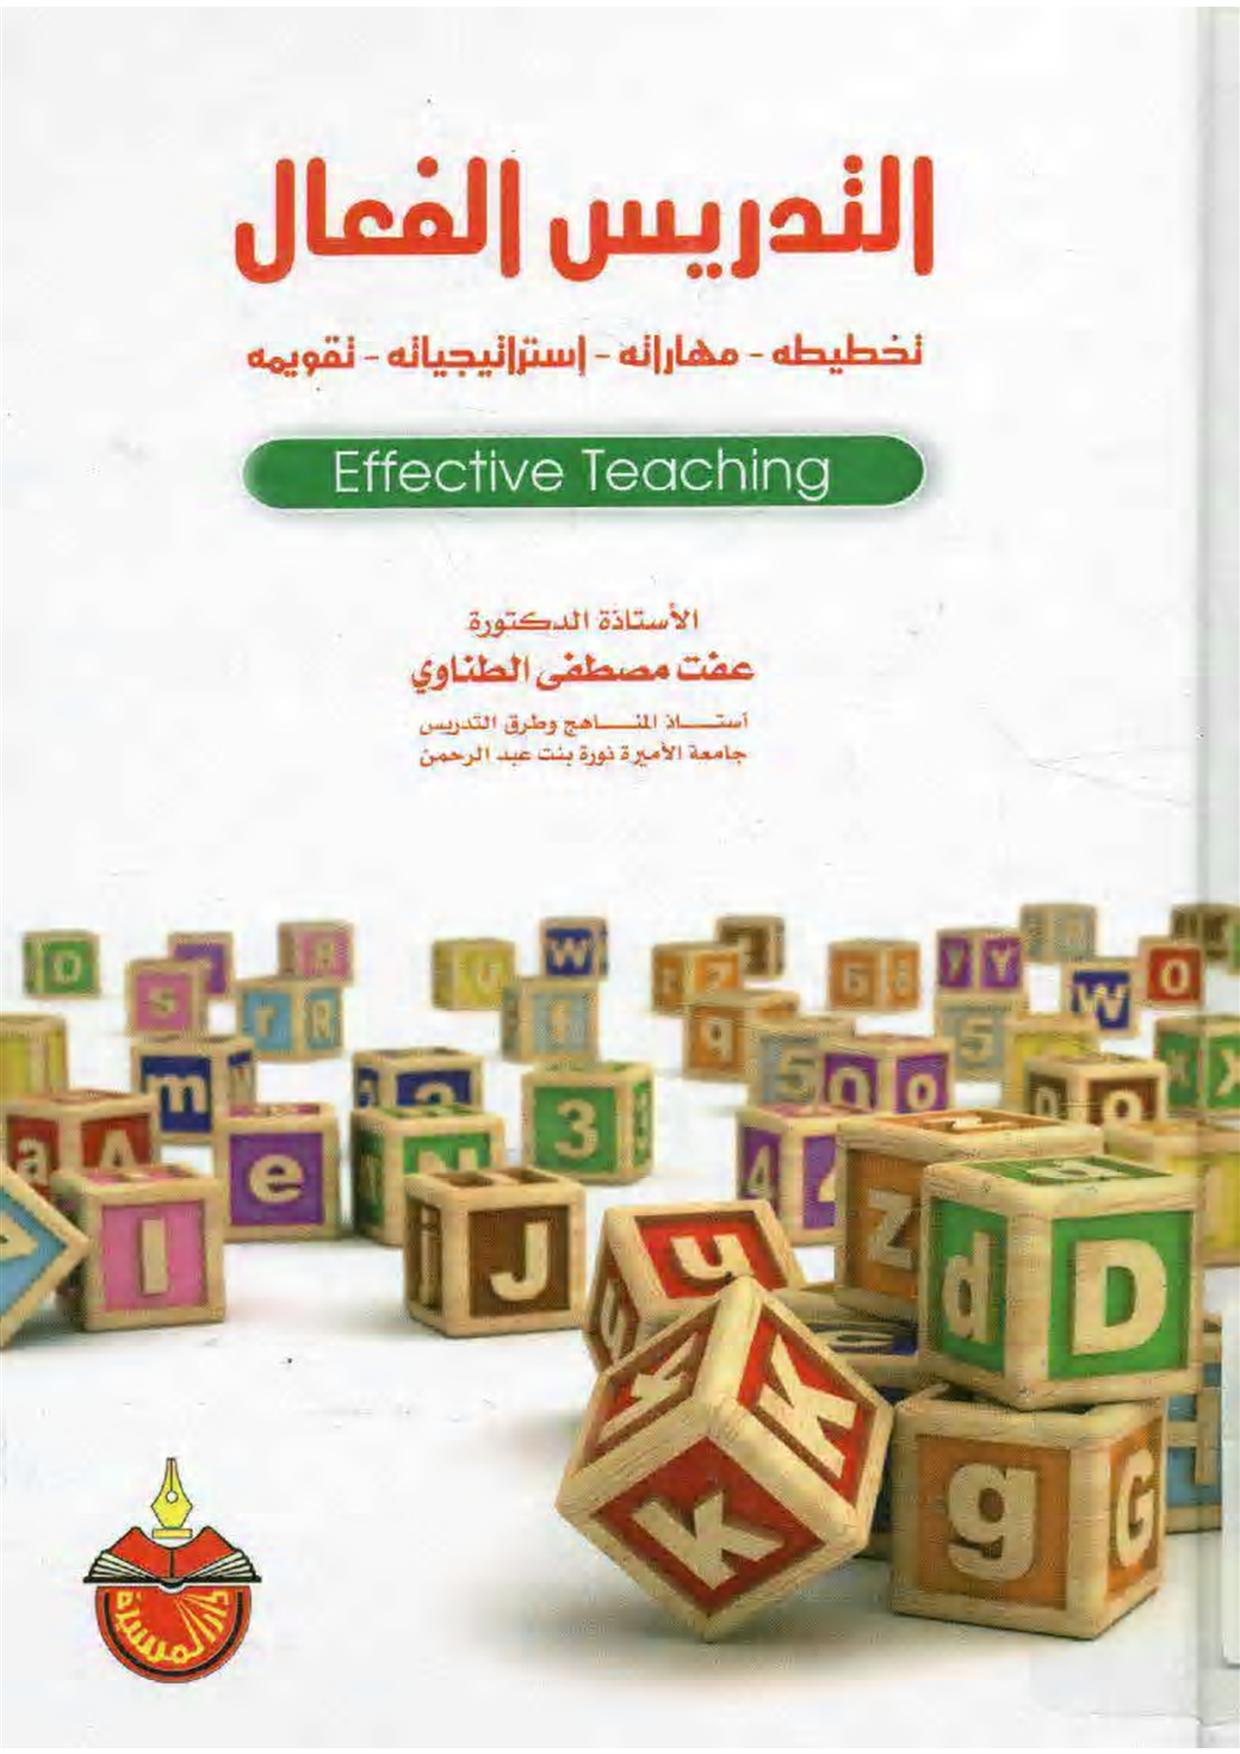 تحميل كتاب التدريس والتفكير بصيغة